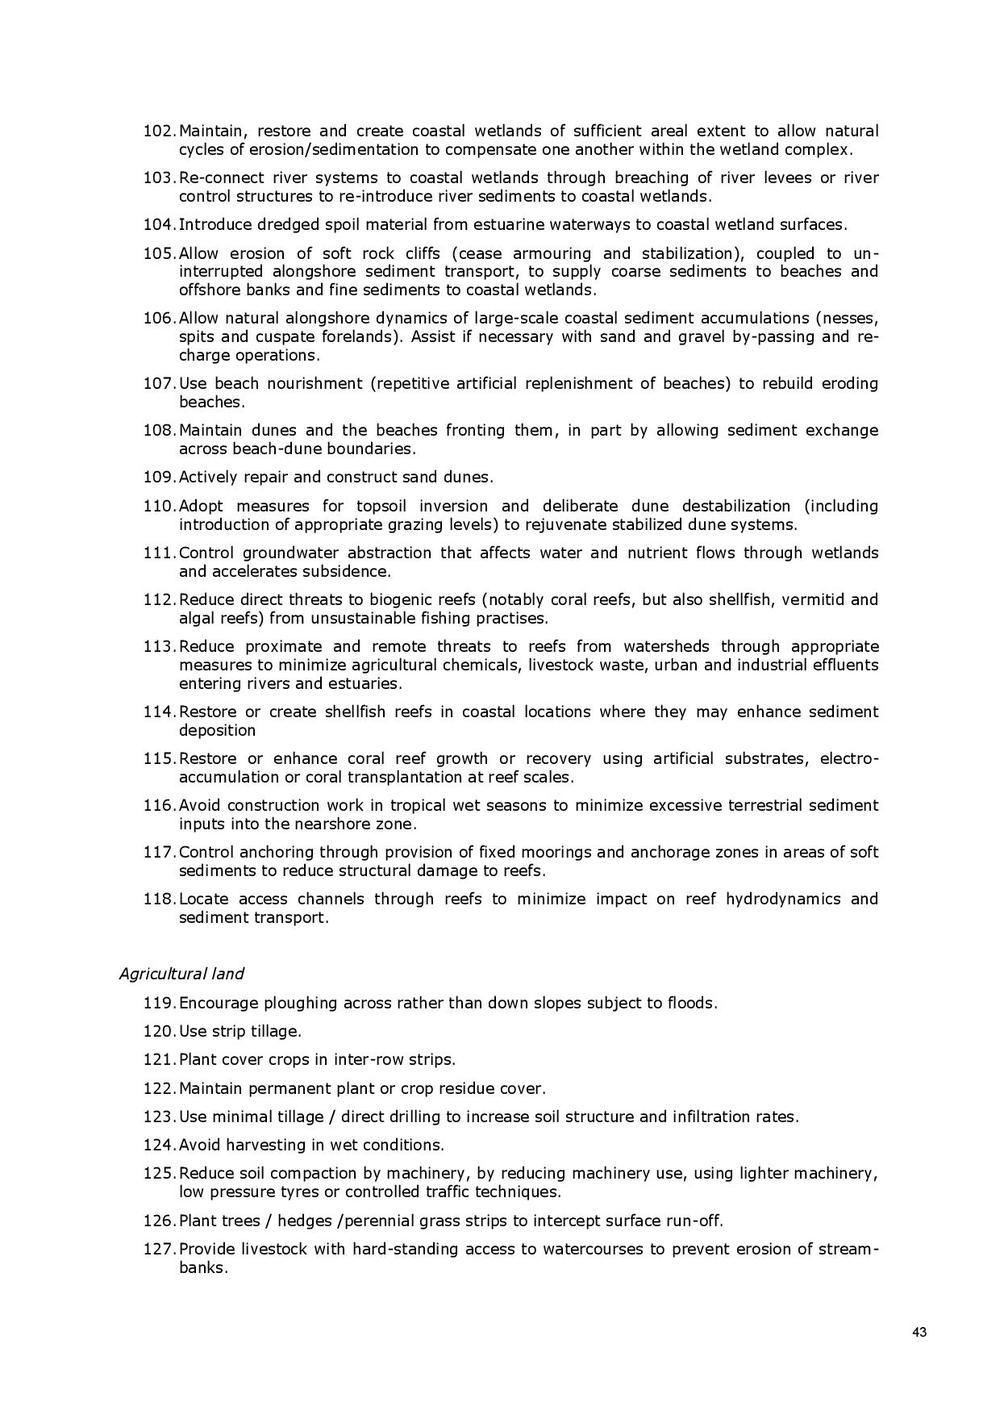 DG RTD_WEB-Publication A4_NBS_long_version_20150310-page-045.jpg